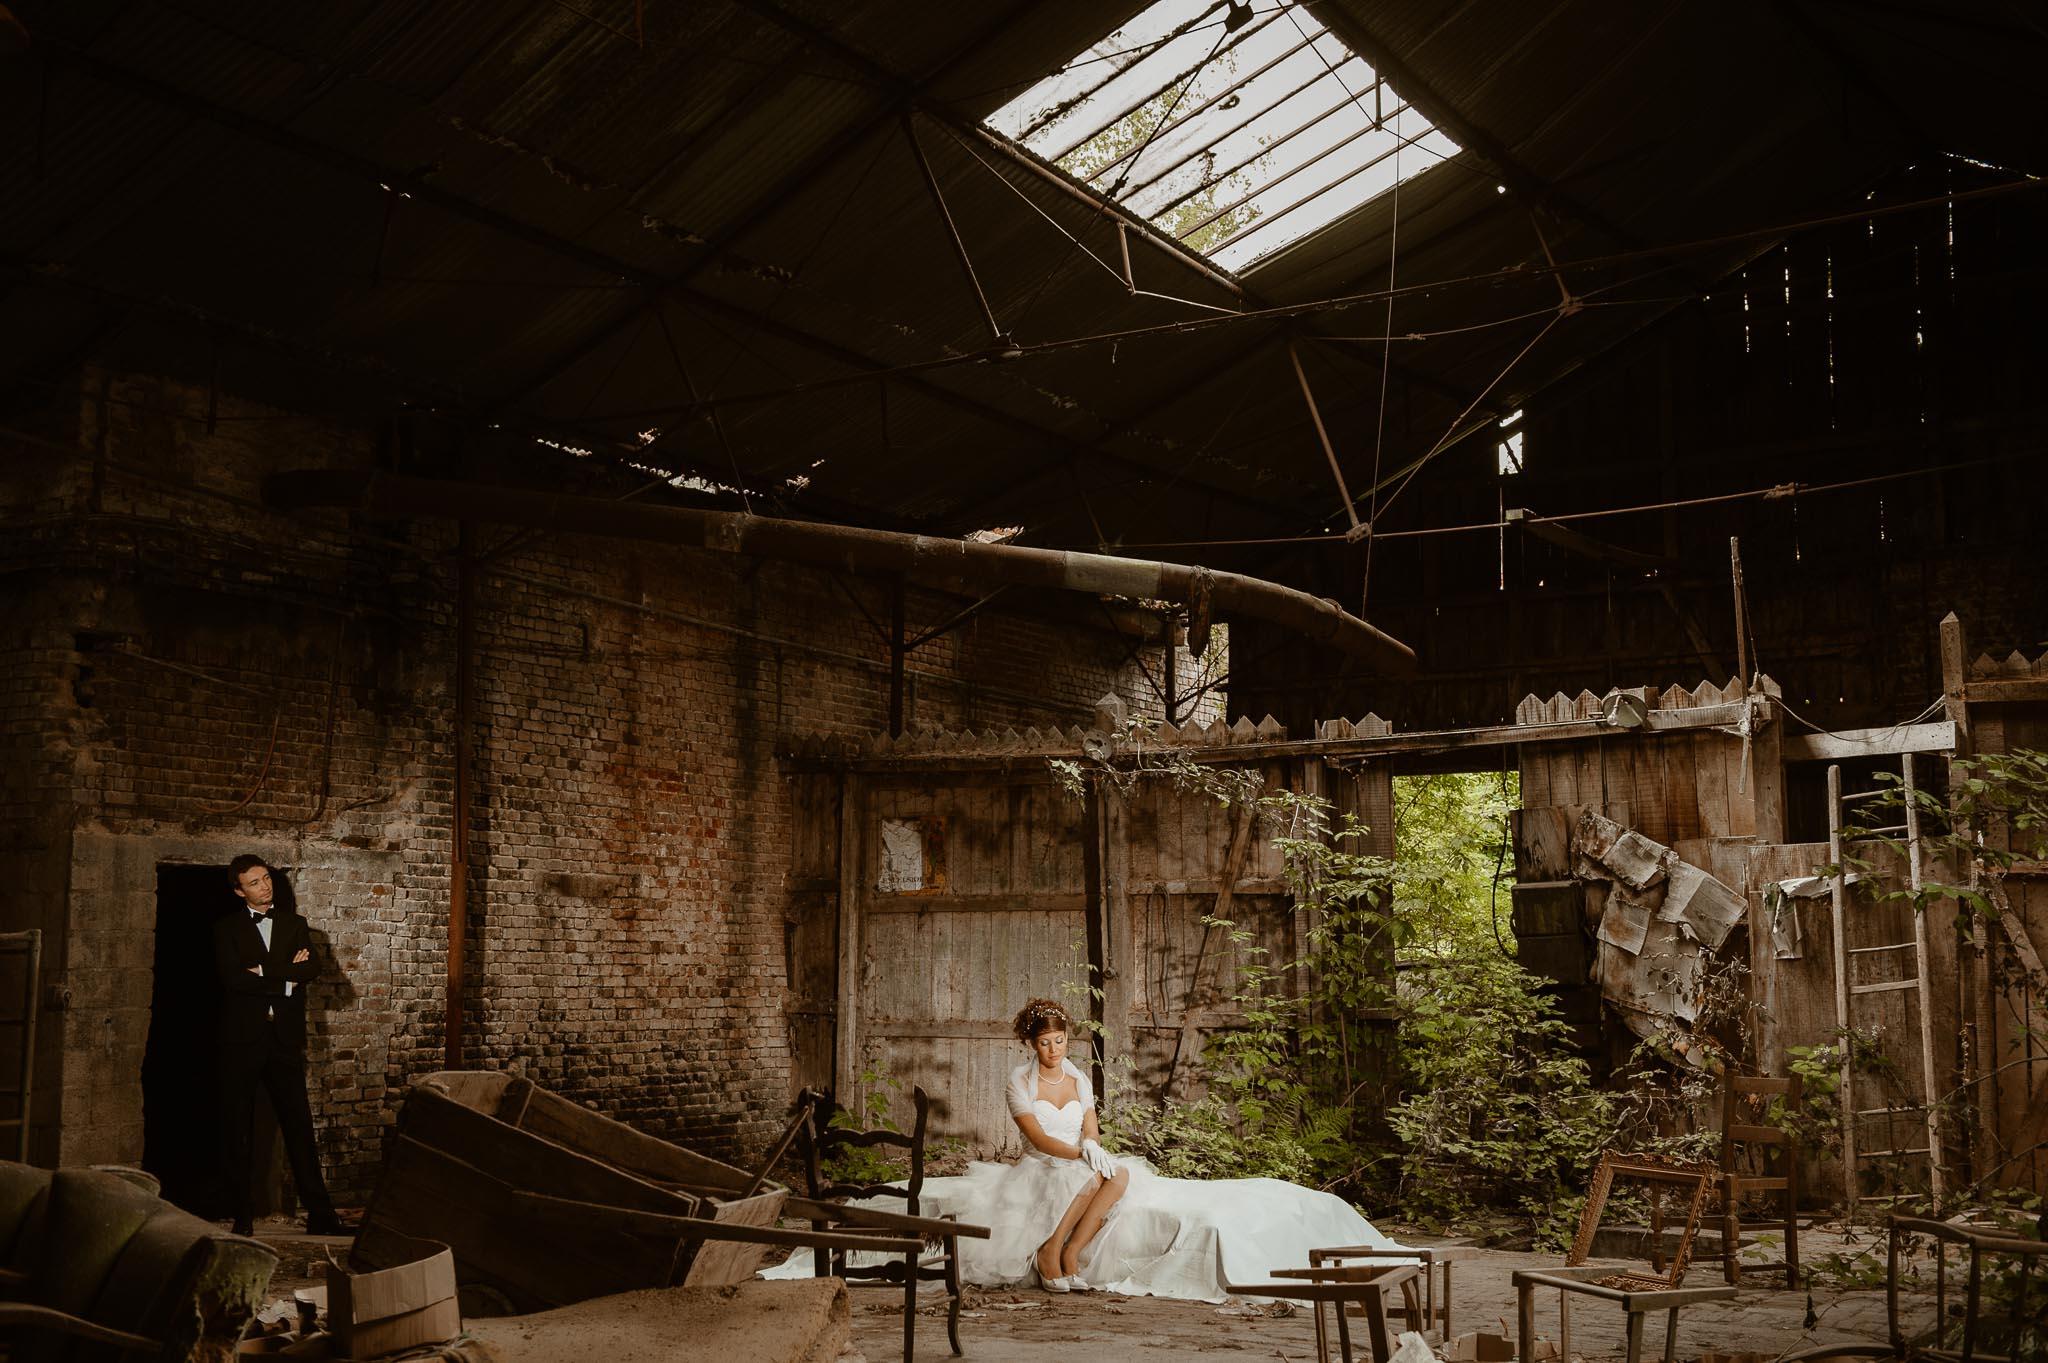 Séance couple après mariage poétique & romantique dans une friche pré-industrielle près de Amiens par Geoffrey Arnoldy photographe